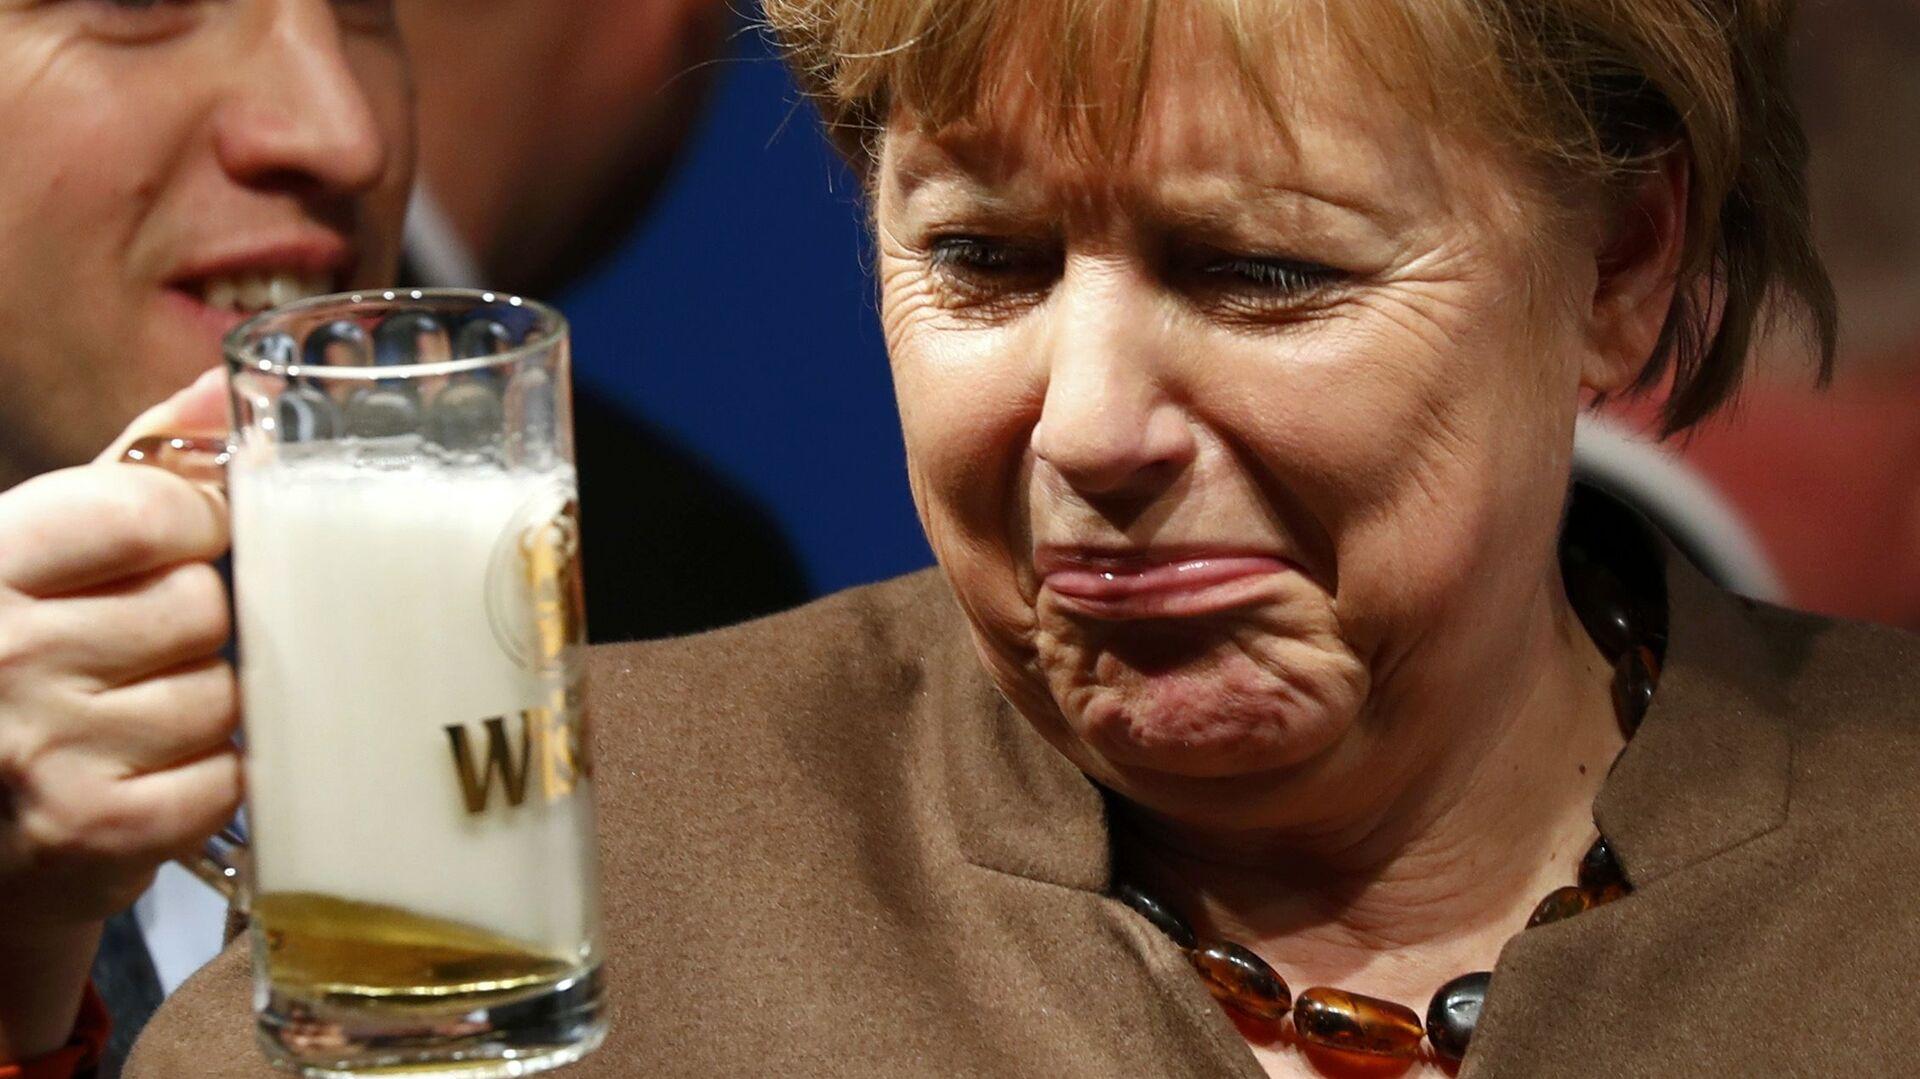 Канцлер Германии Ангела Меркель пьет пиво на встрече Христианско-демократического союза Германии в городе Фолькмарзен - Sputnik Italia, 1920, 11.10.2021